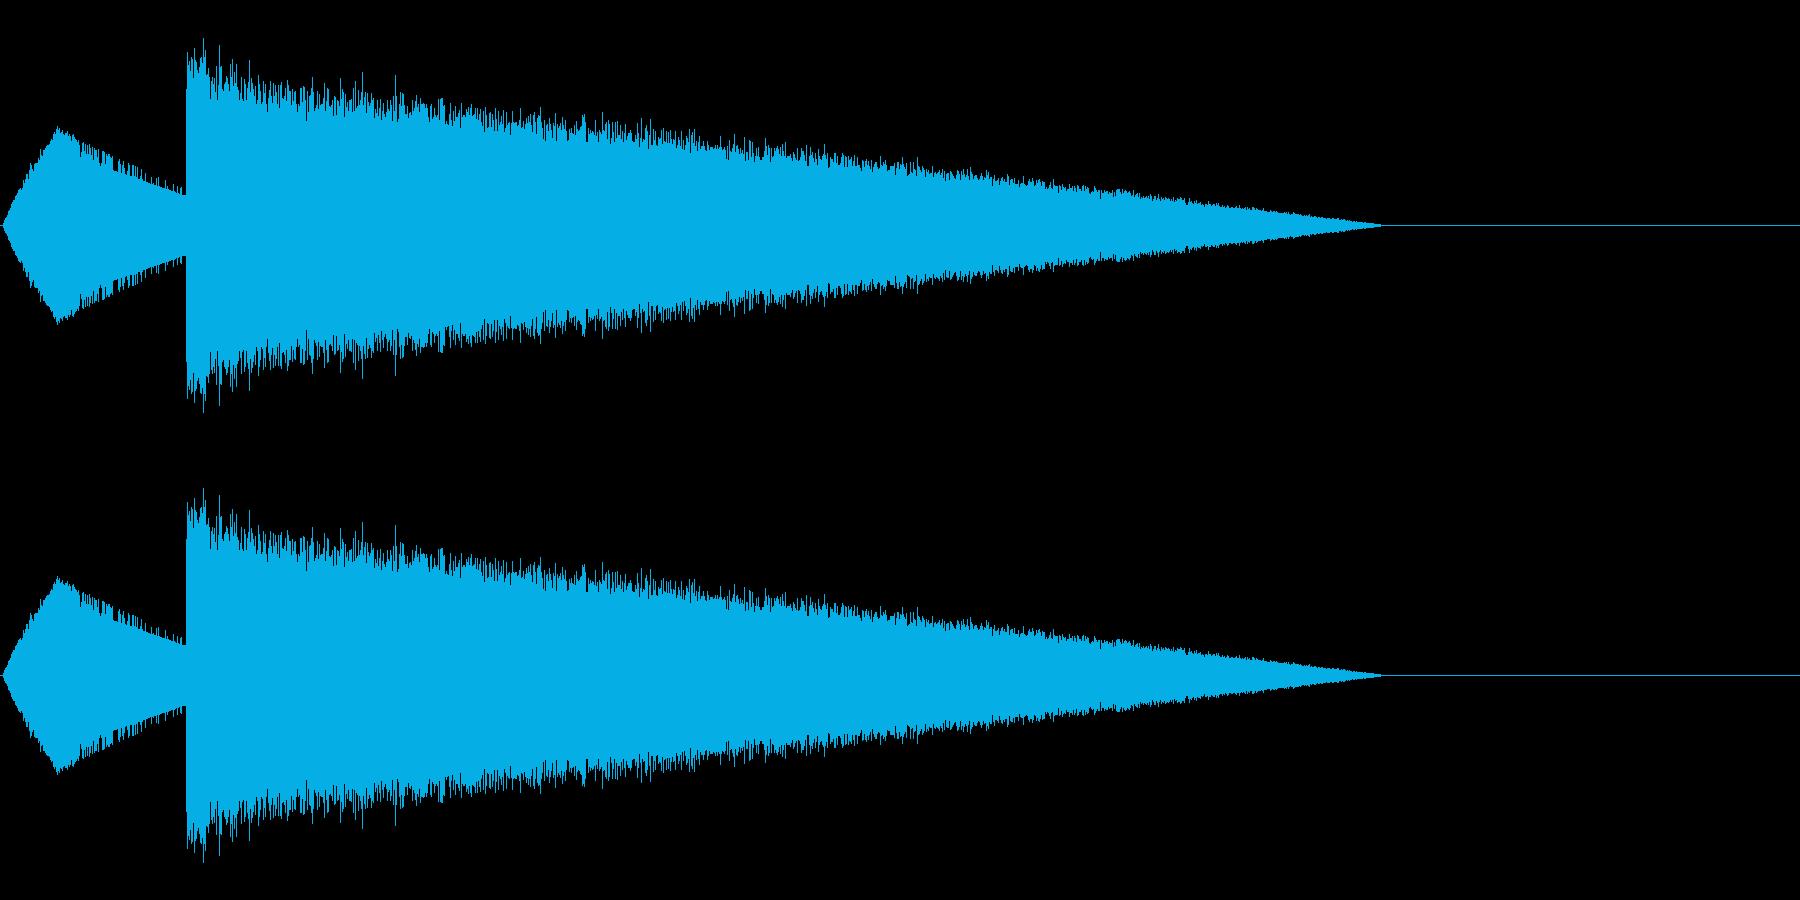 レトロゲーム風魔法・水系2の再生済みの波形